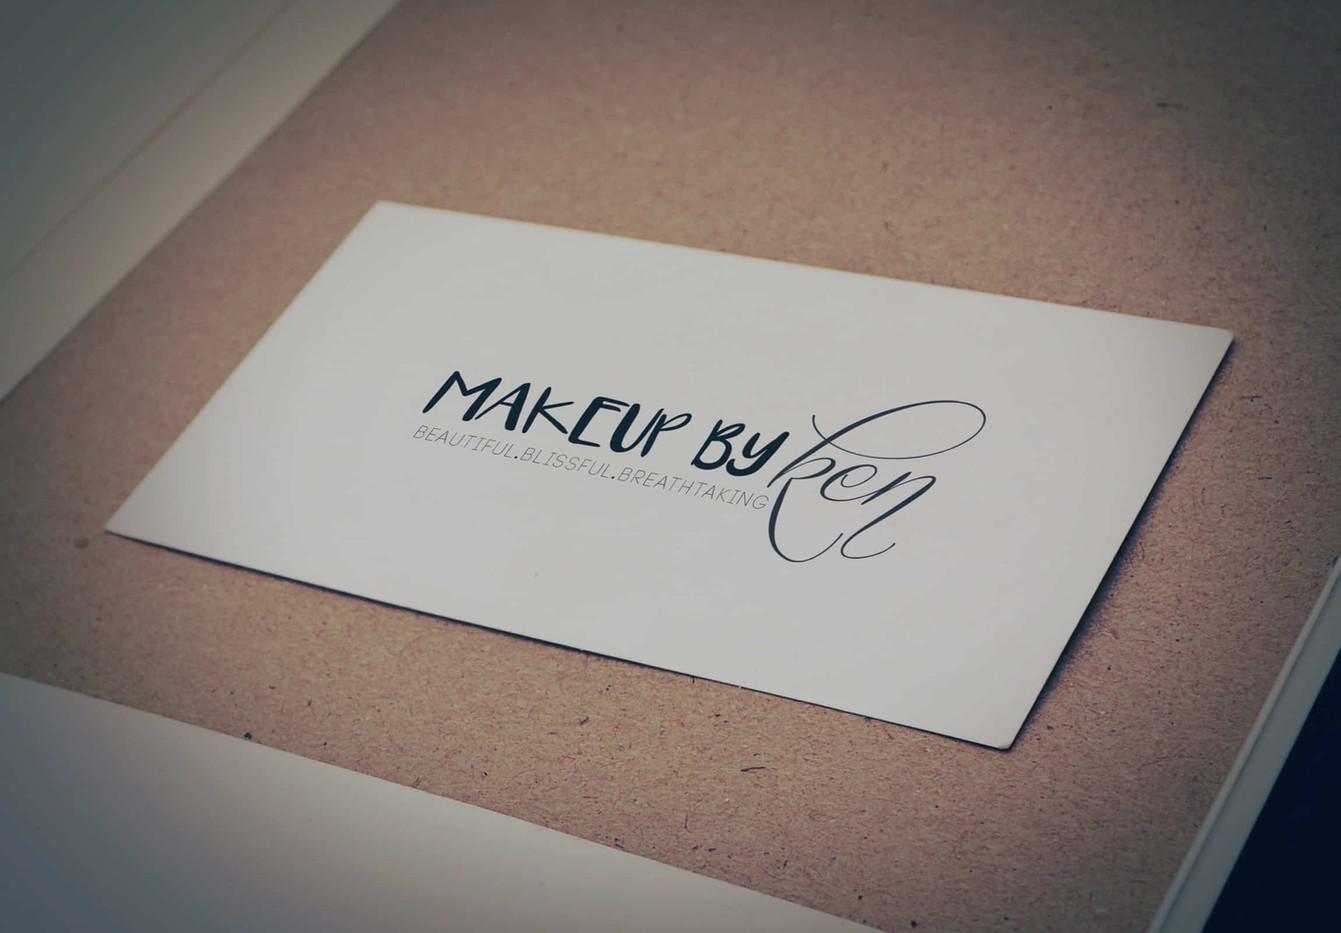 Makeup by Ken